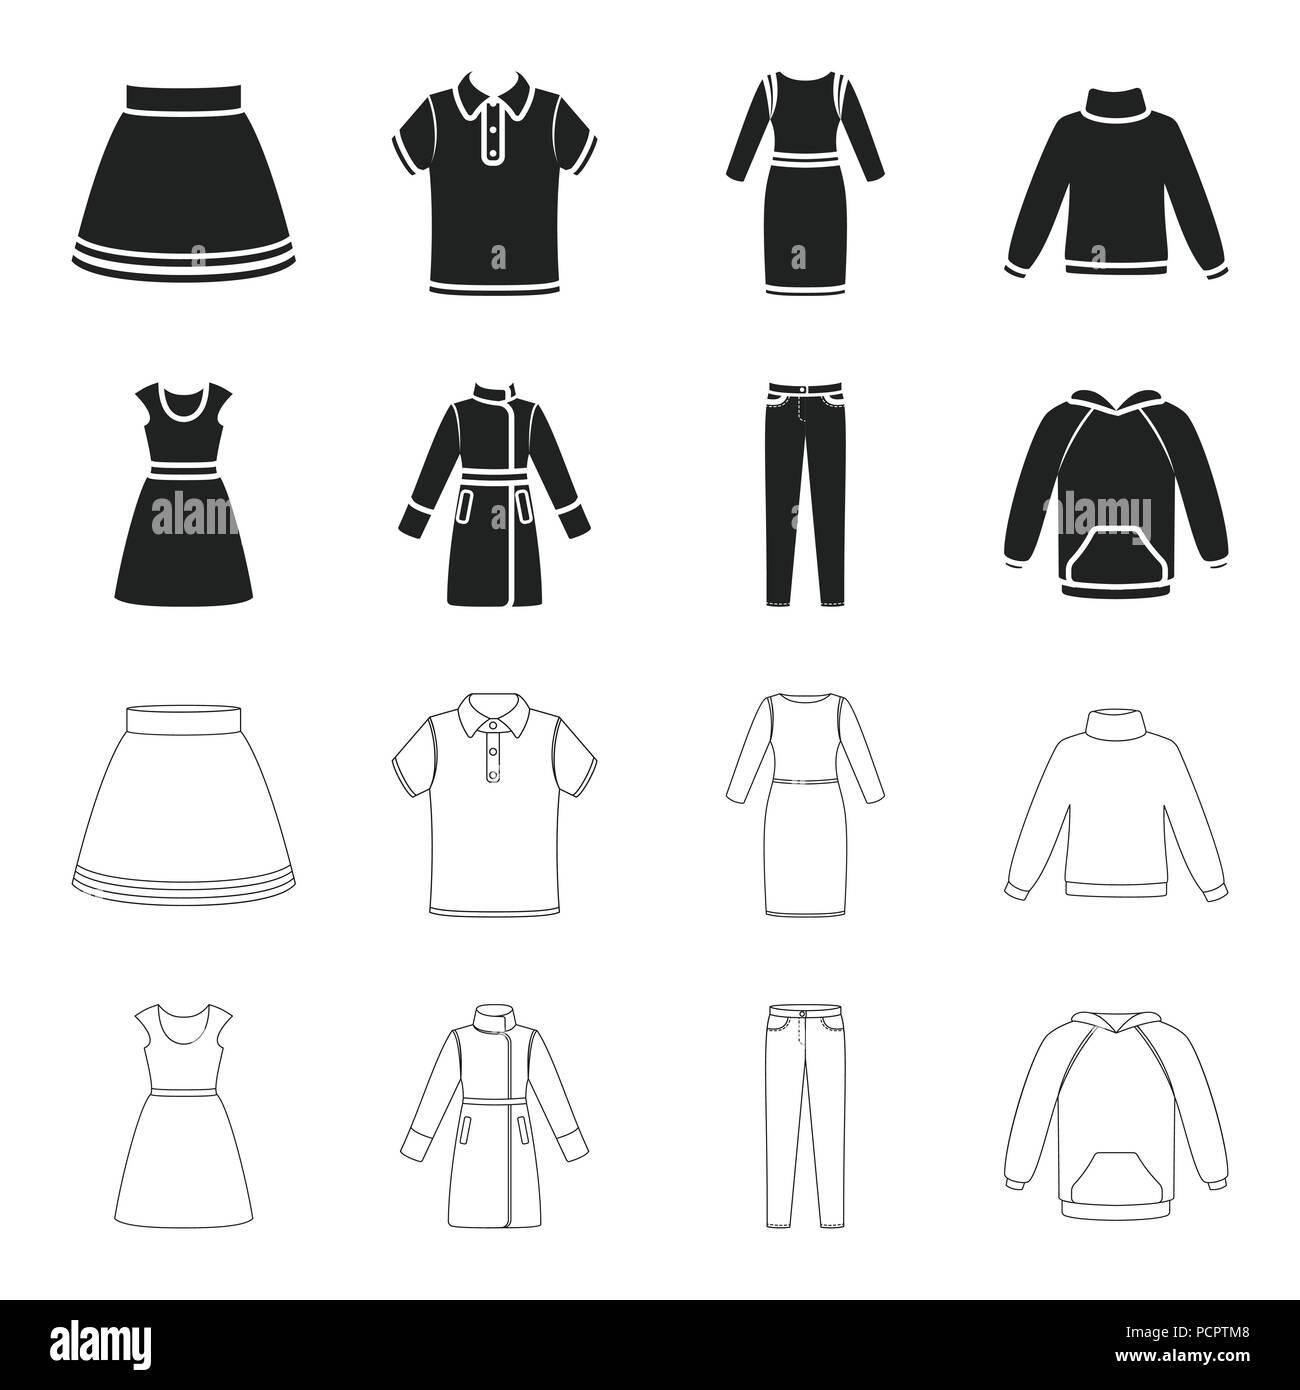 kleid mit kurzen Ärmeln, hosen, mäntel, raglan. kleidung set